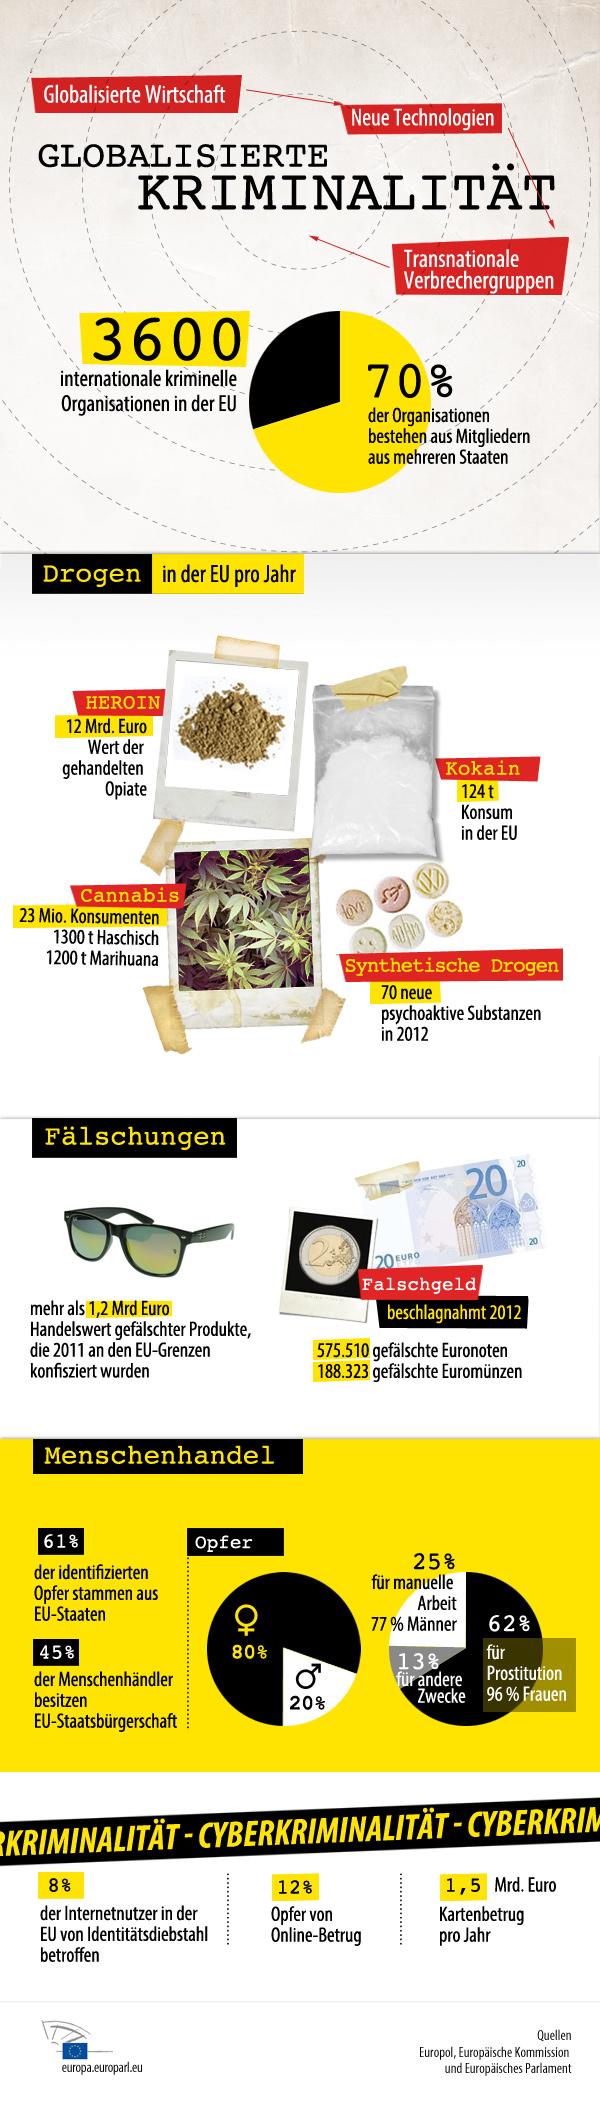 Infografik zu Drogen und Kriminalität in Europa